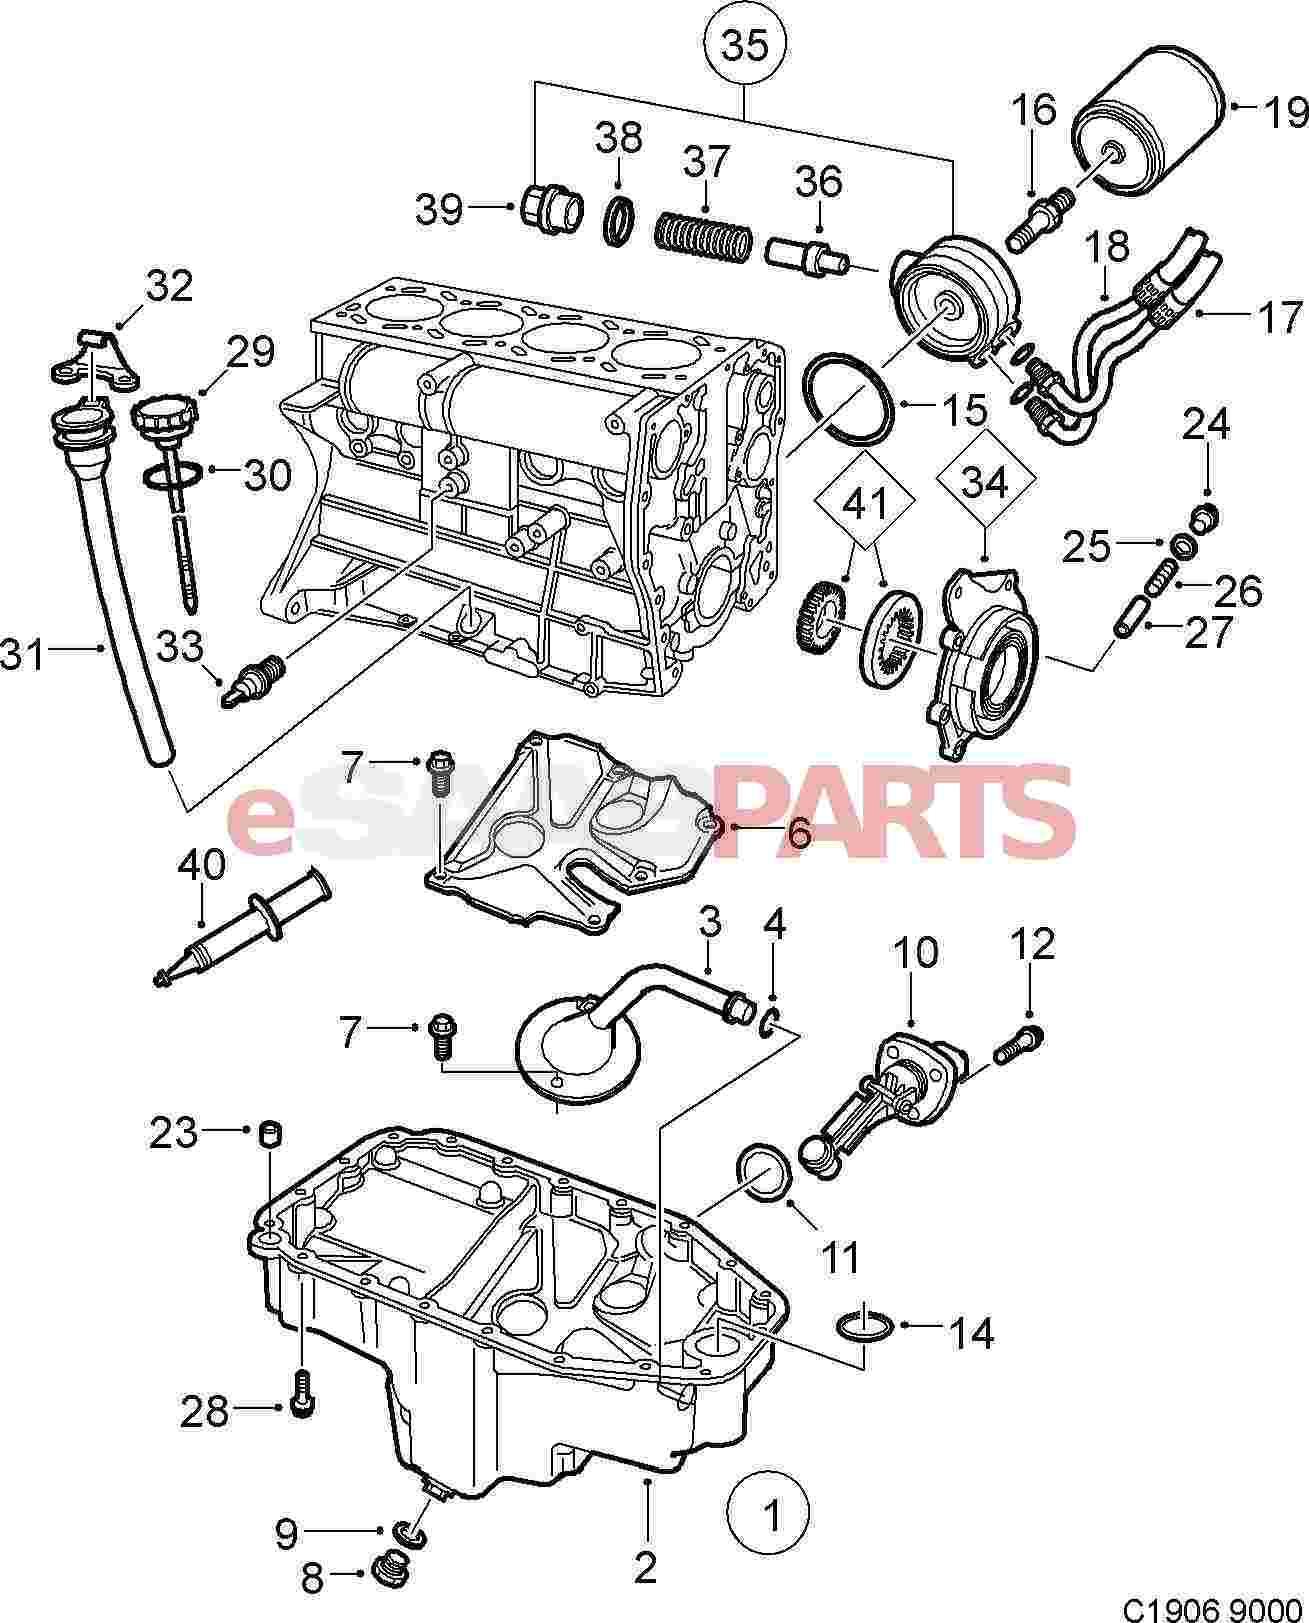 Diagram image 40